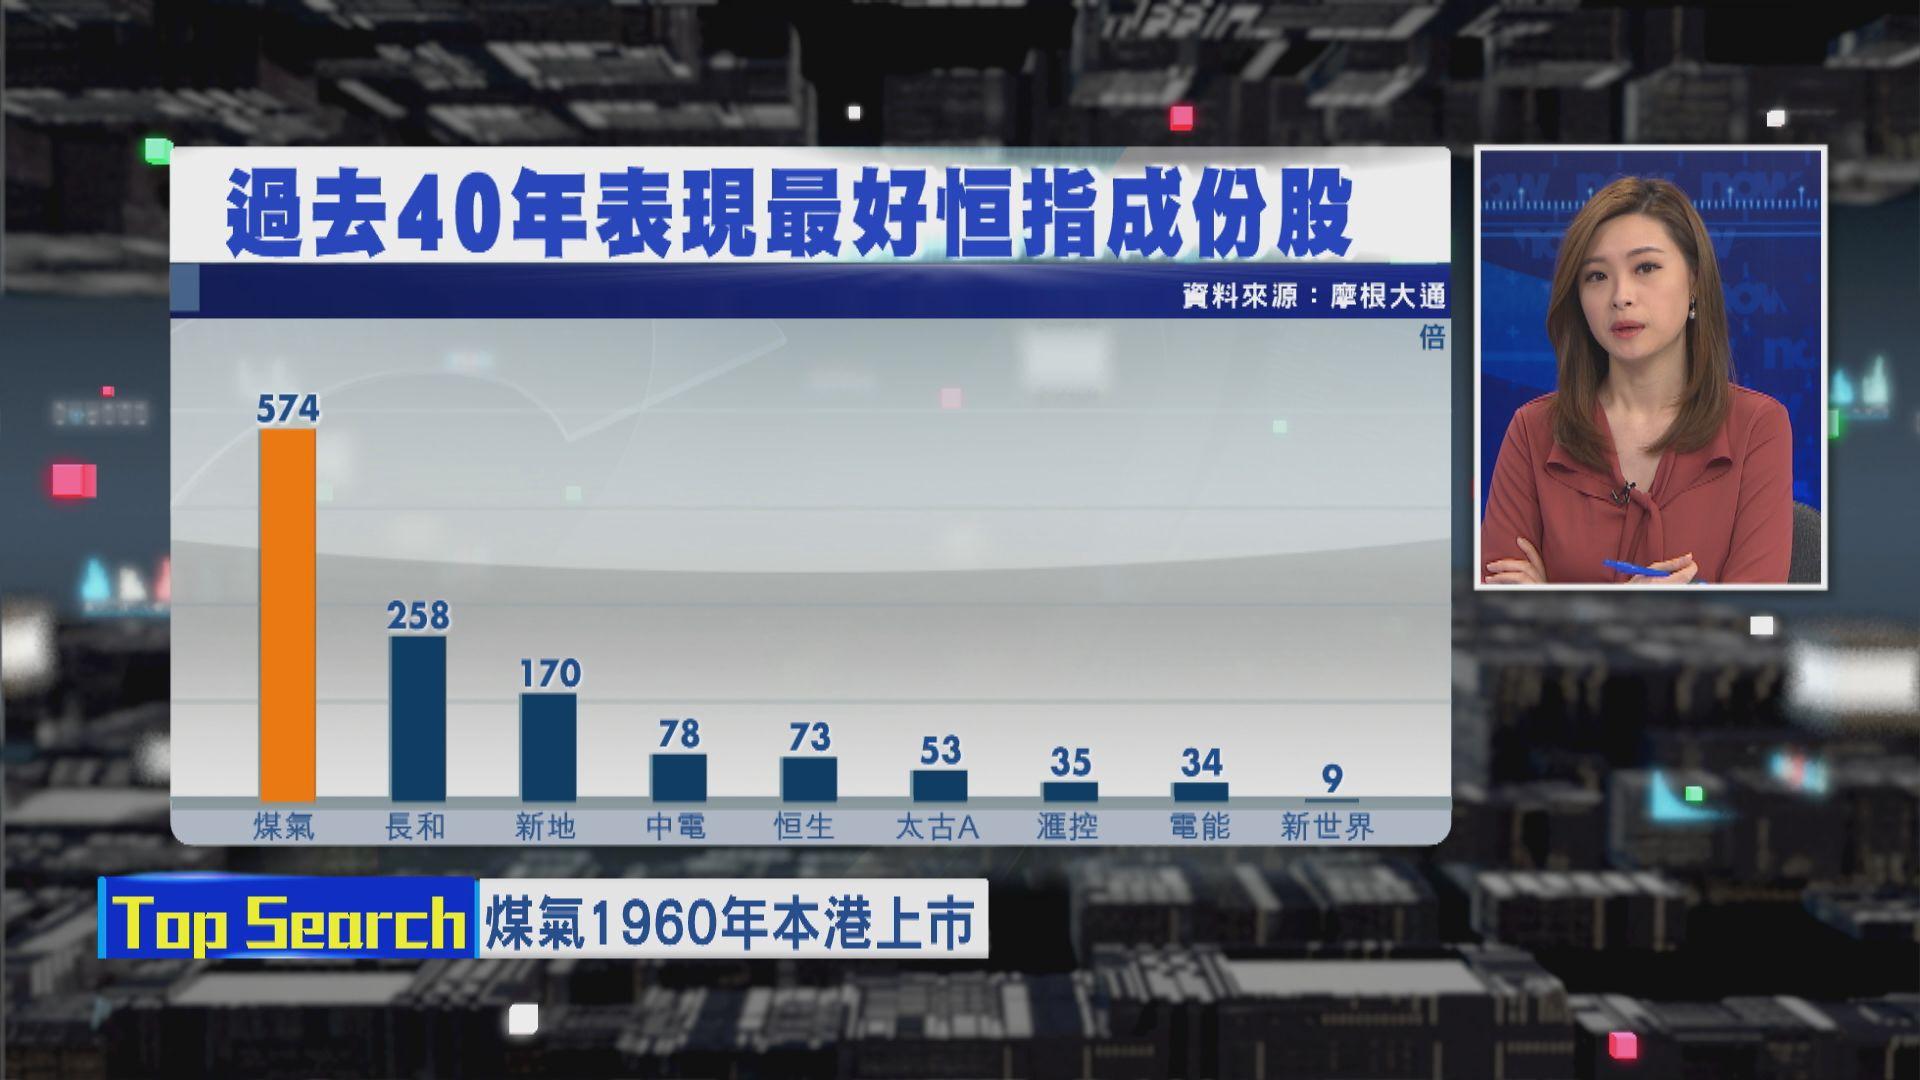 【財經TOP SEARCH】揸煤氣40年回報570倍